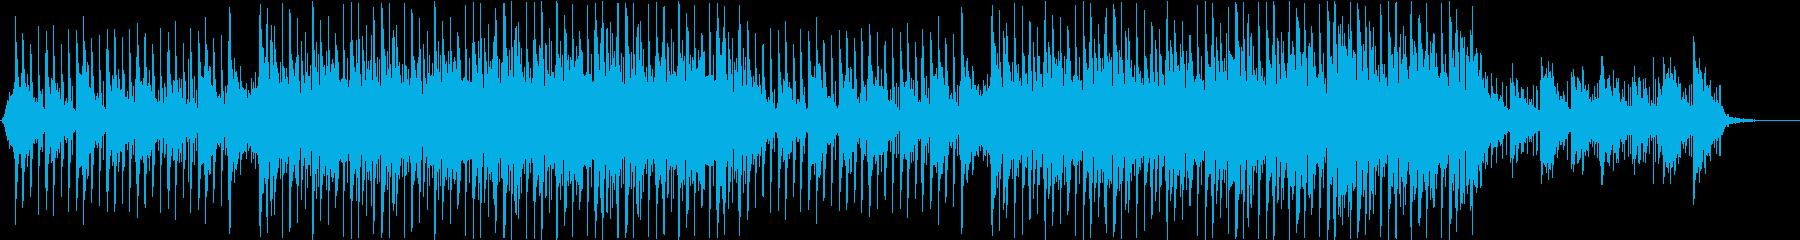 おしゃれでクールなVLOG向けBGMの再生済みの波形